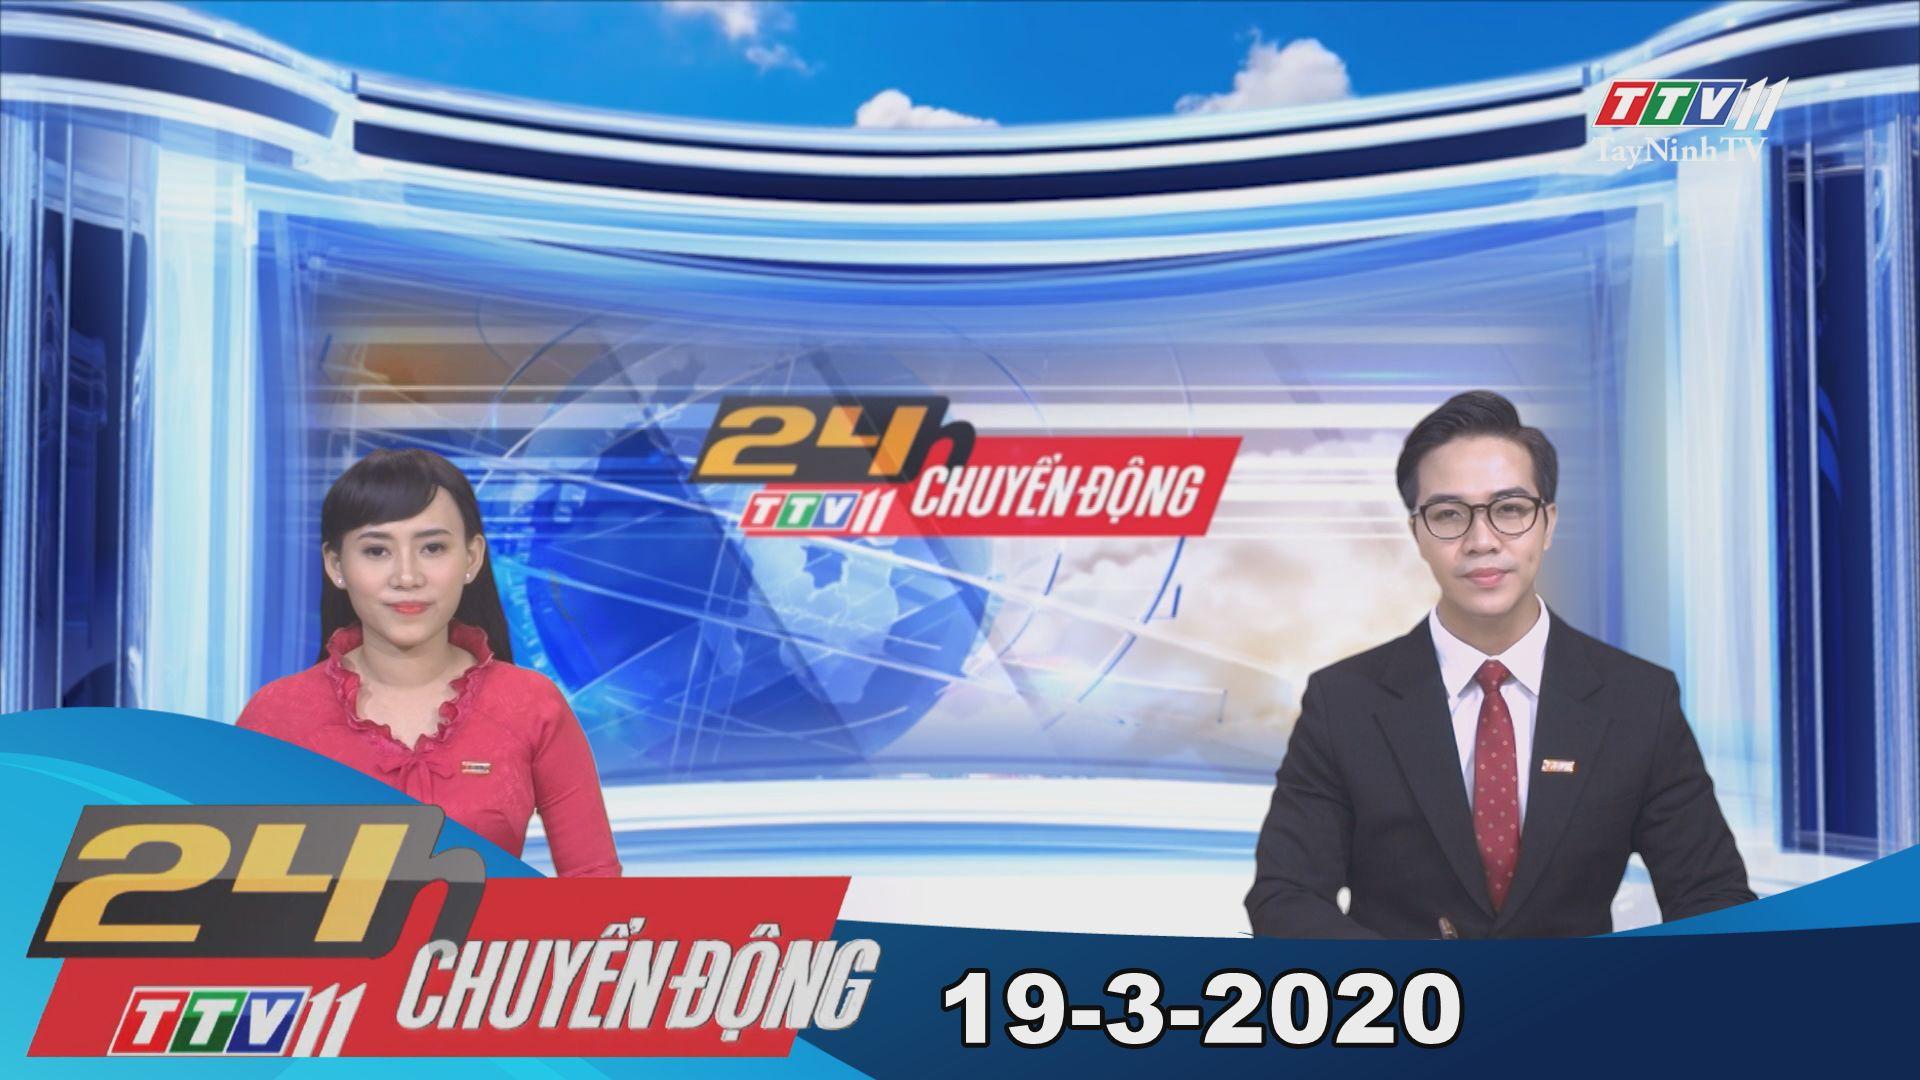 24h Chuyển động 19-3-2020 | Tin tức hôm nay | TayNinhTV